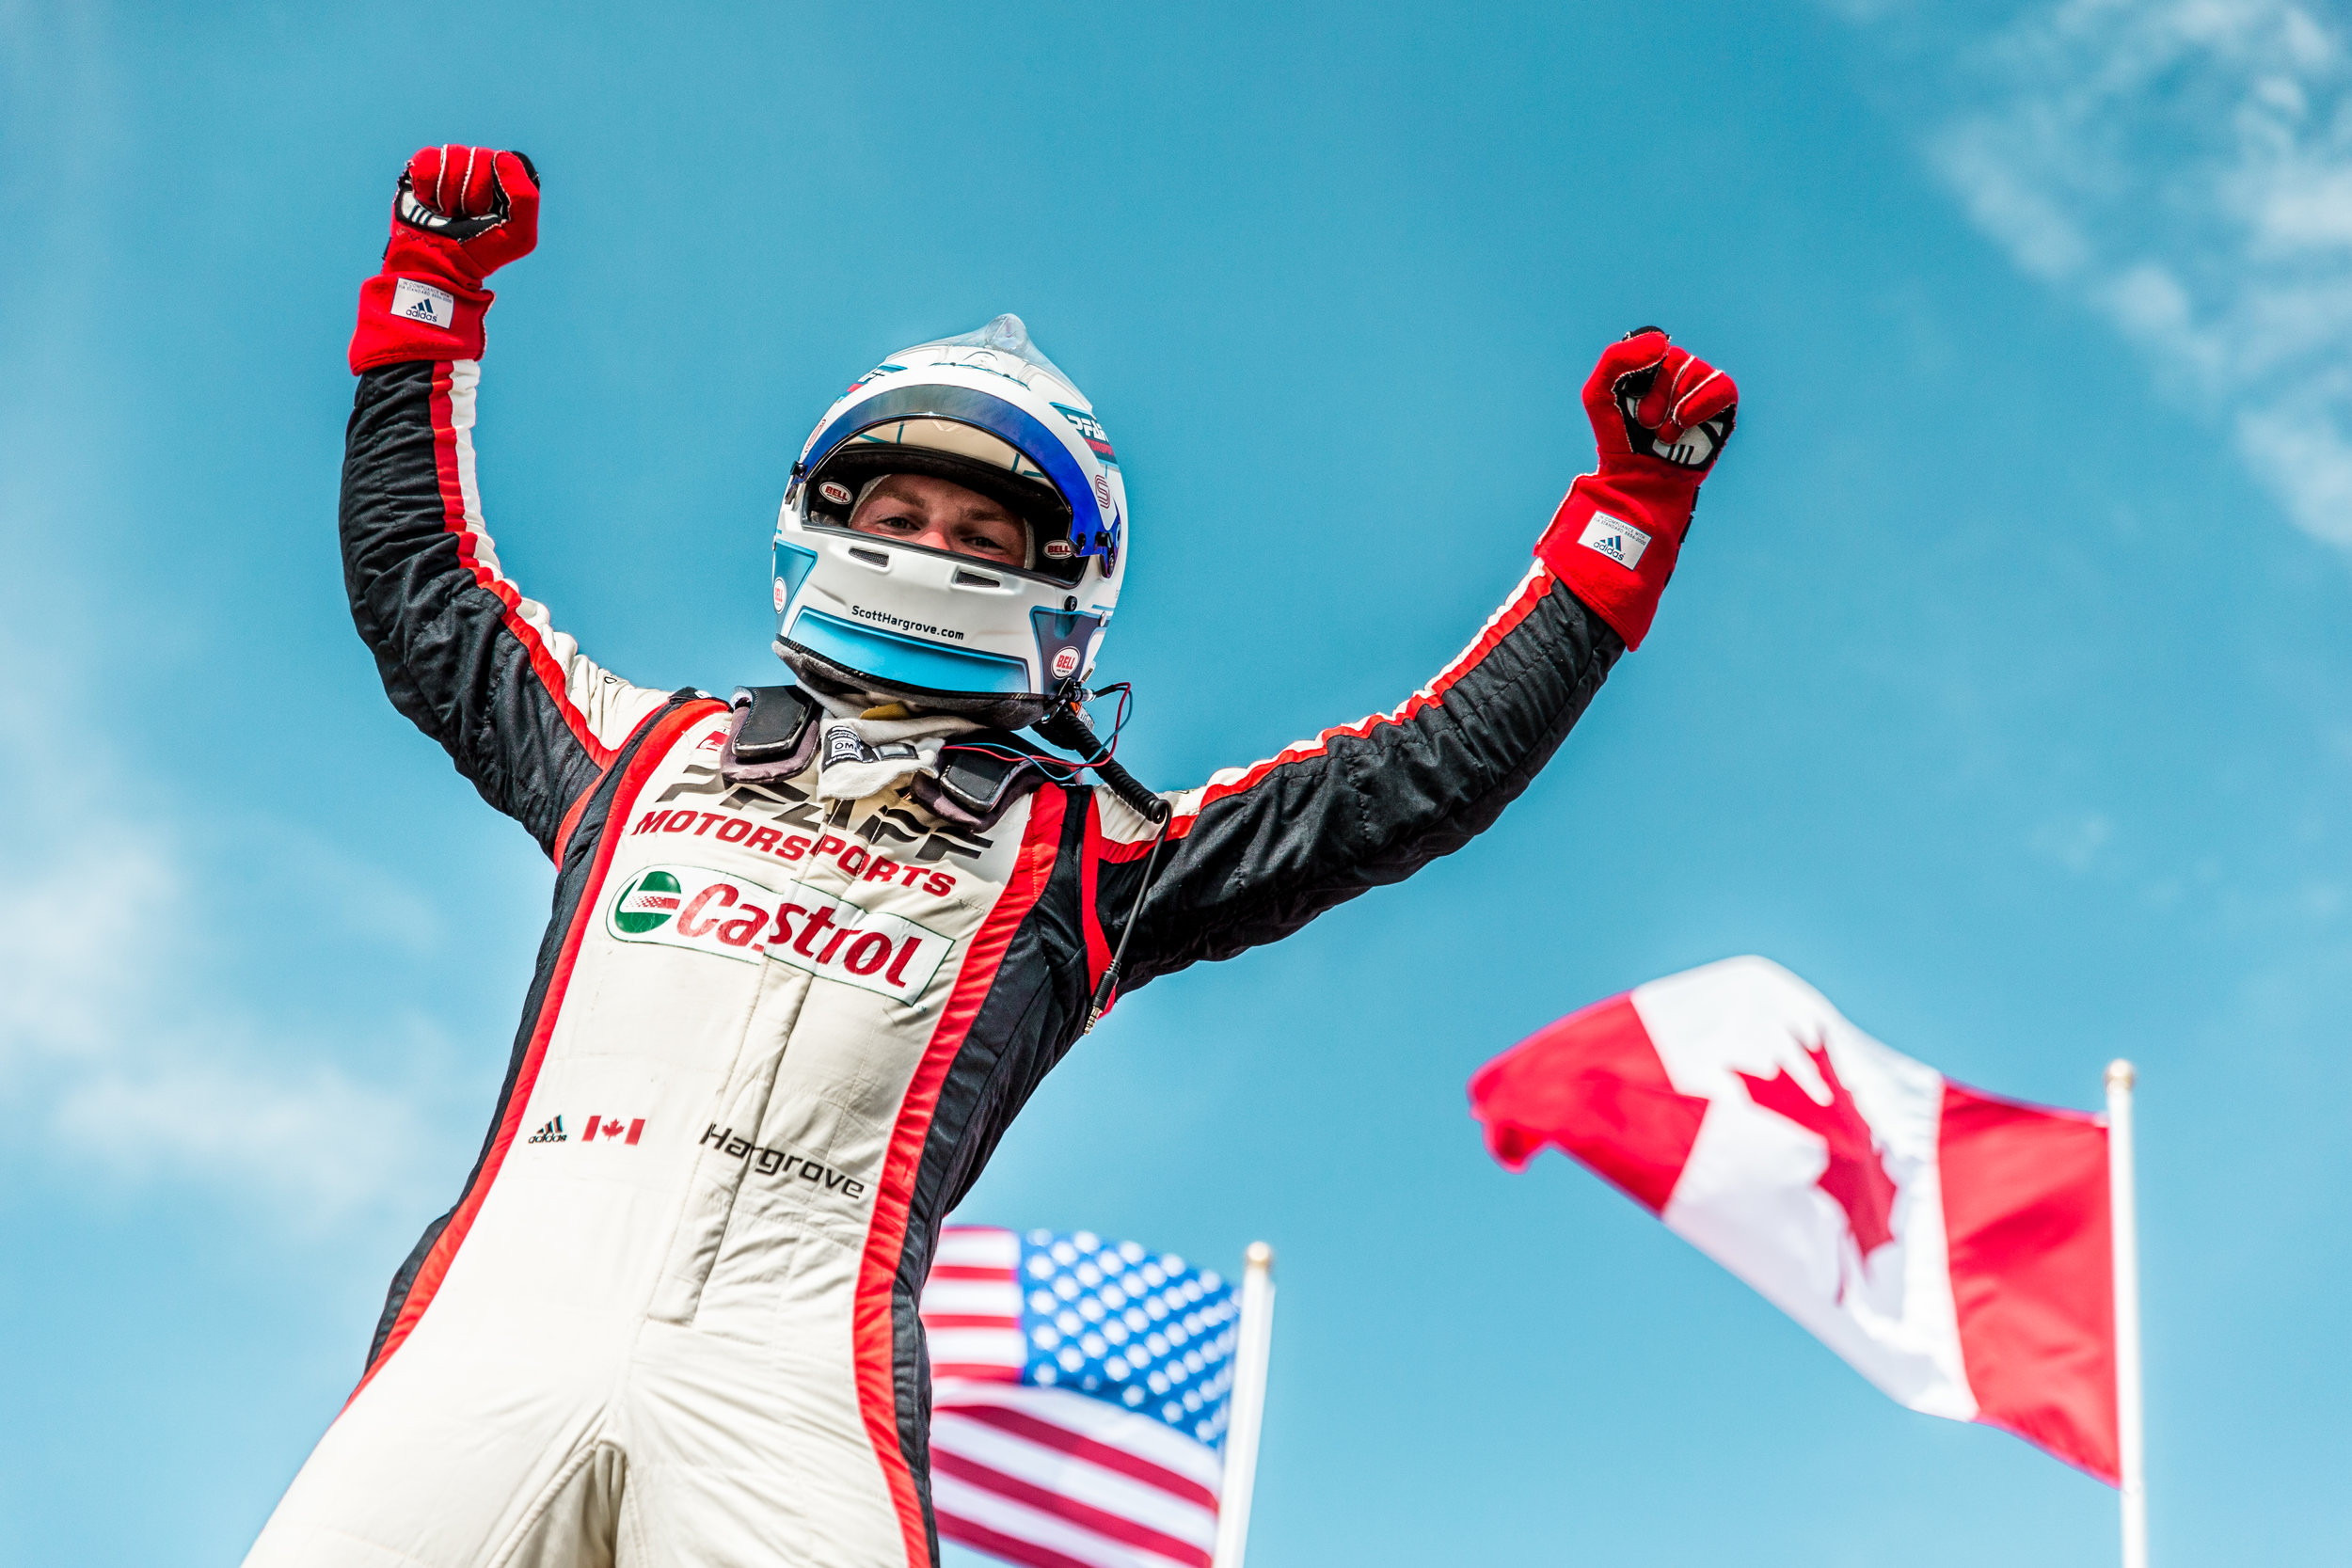 IMSA - Porsche GT3 Cup - CTMP 2017-_31U0694.jpg